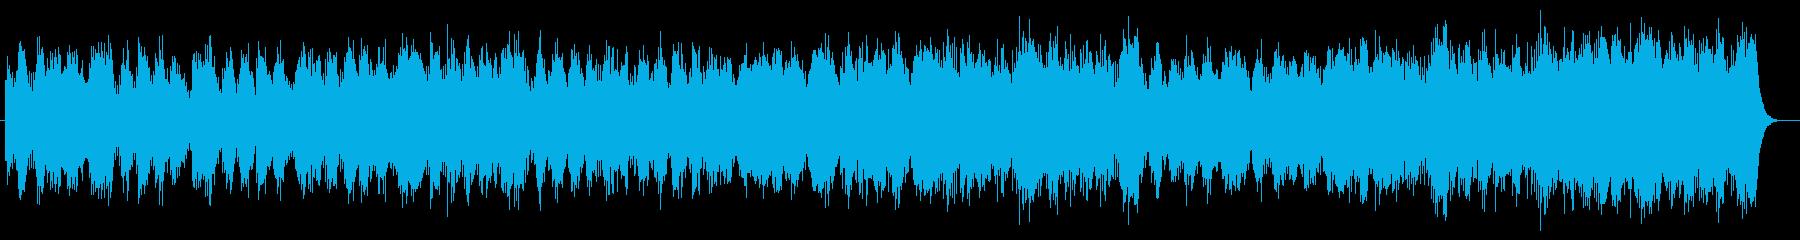 神秘的なストリングポップの再生済みの波形